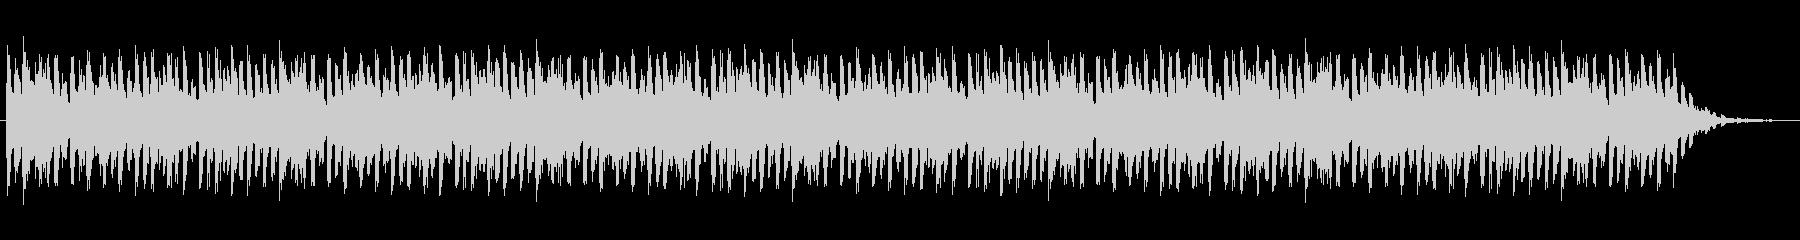 ショートBGM:テクノポップ02の未再生の波形